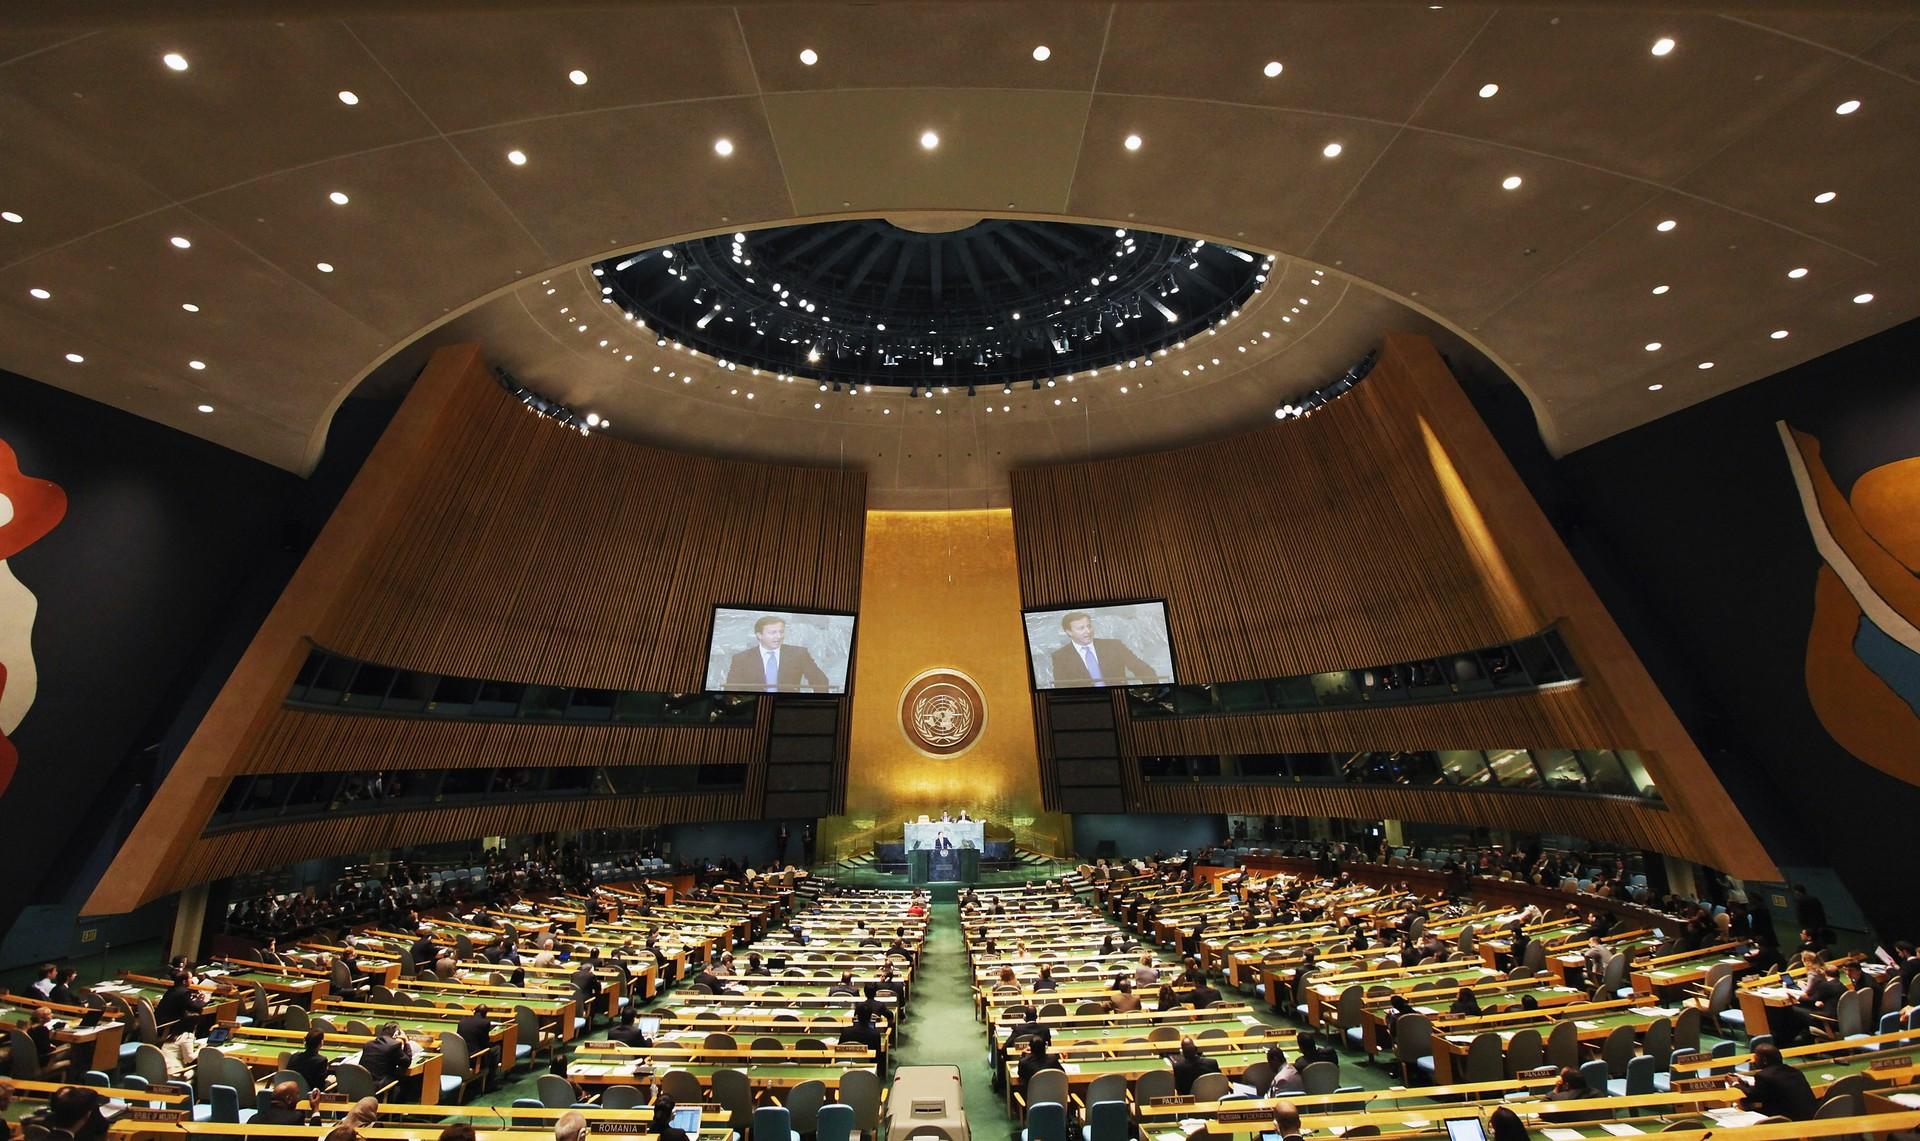 AQUECIMENTO GLOBAL? ONU USA MEDOS CLIMÁTICOS PARA DESTRUIR SOBERANIAS NACIONAIS